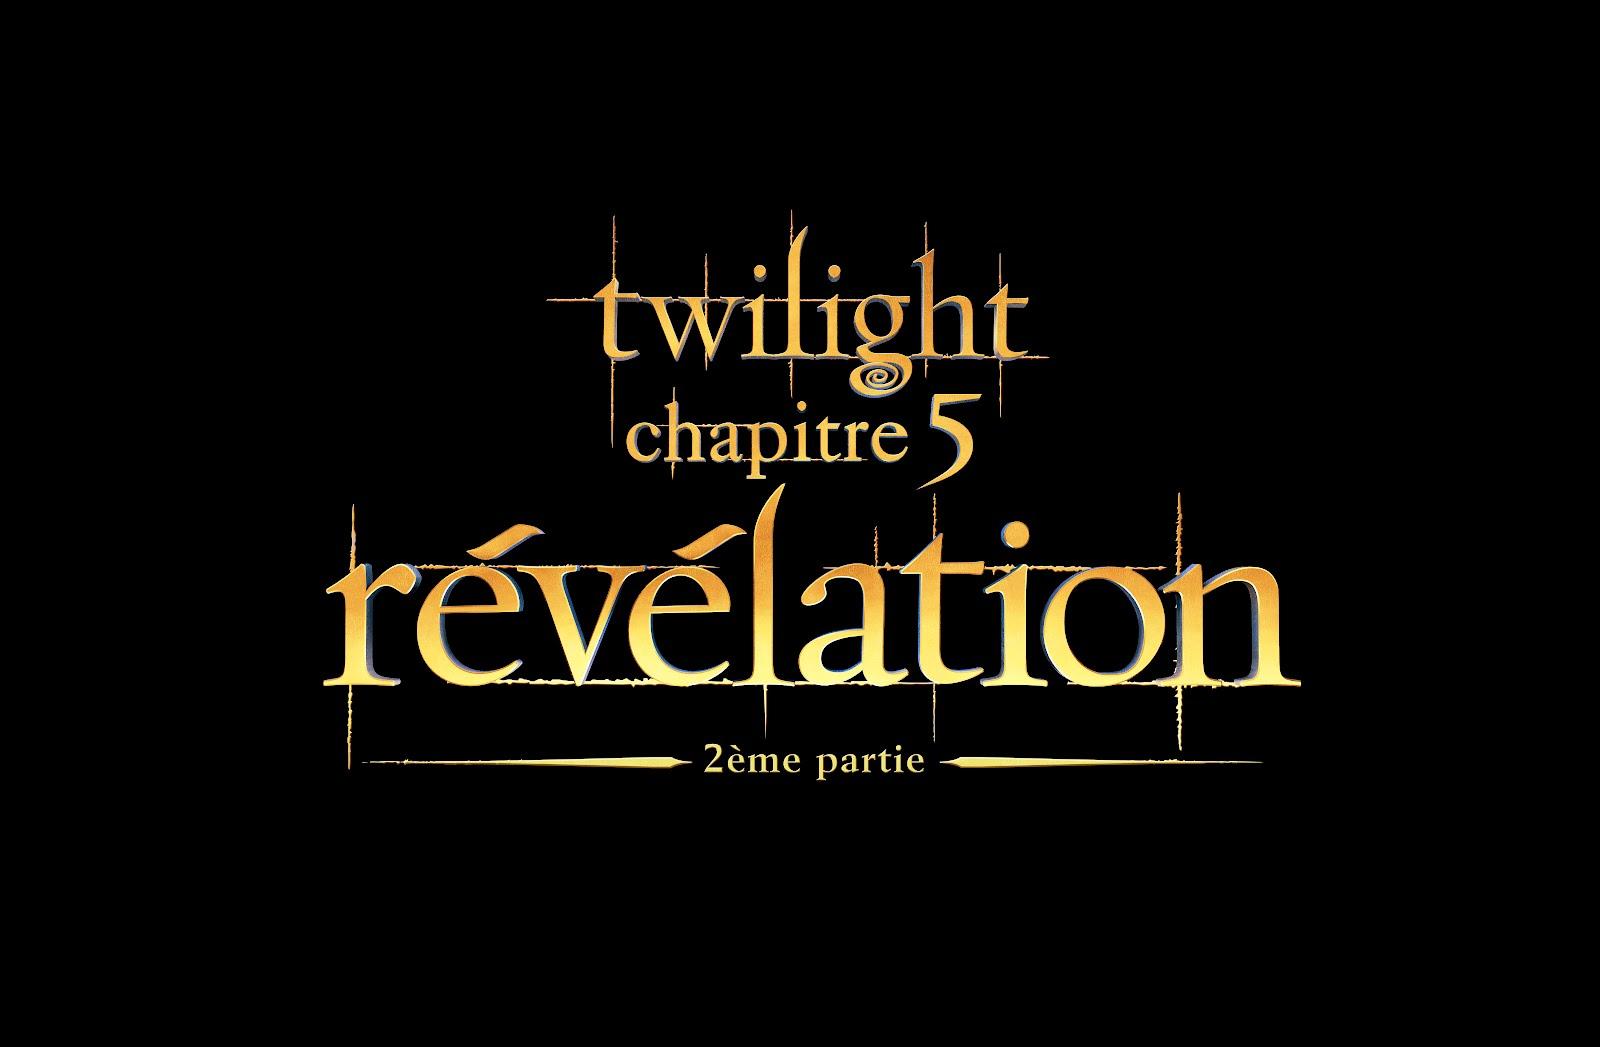 Twilight - Chapitre 5 : Révélation - 2ème partie